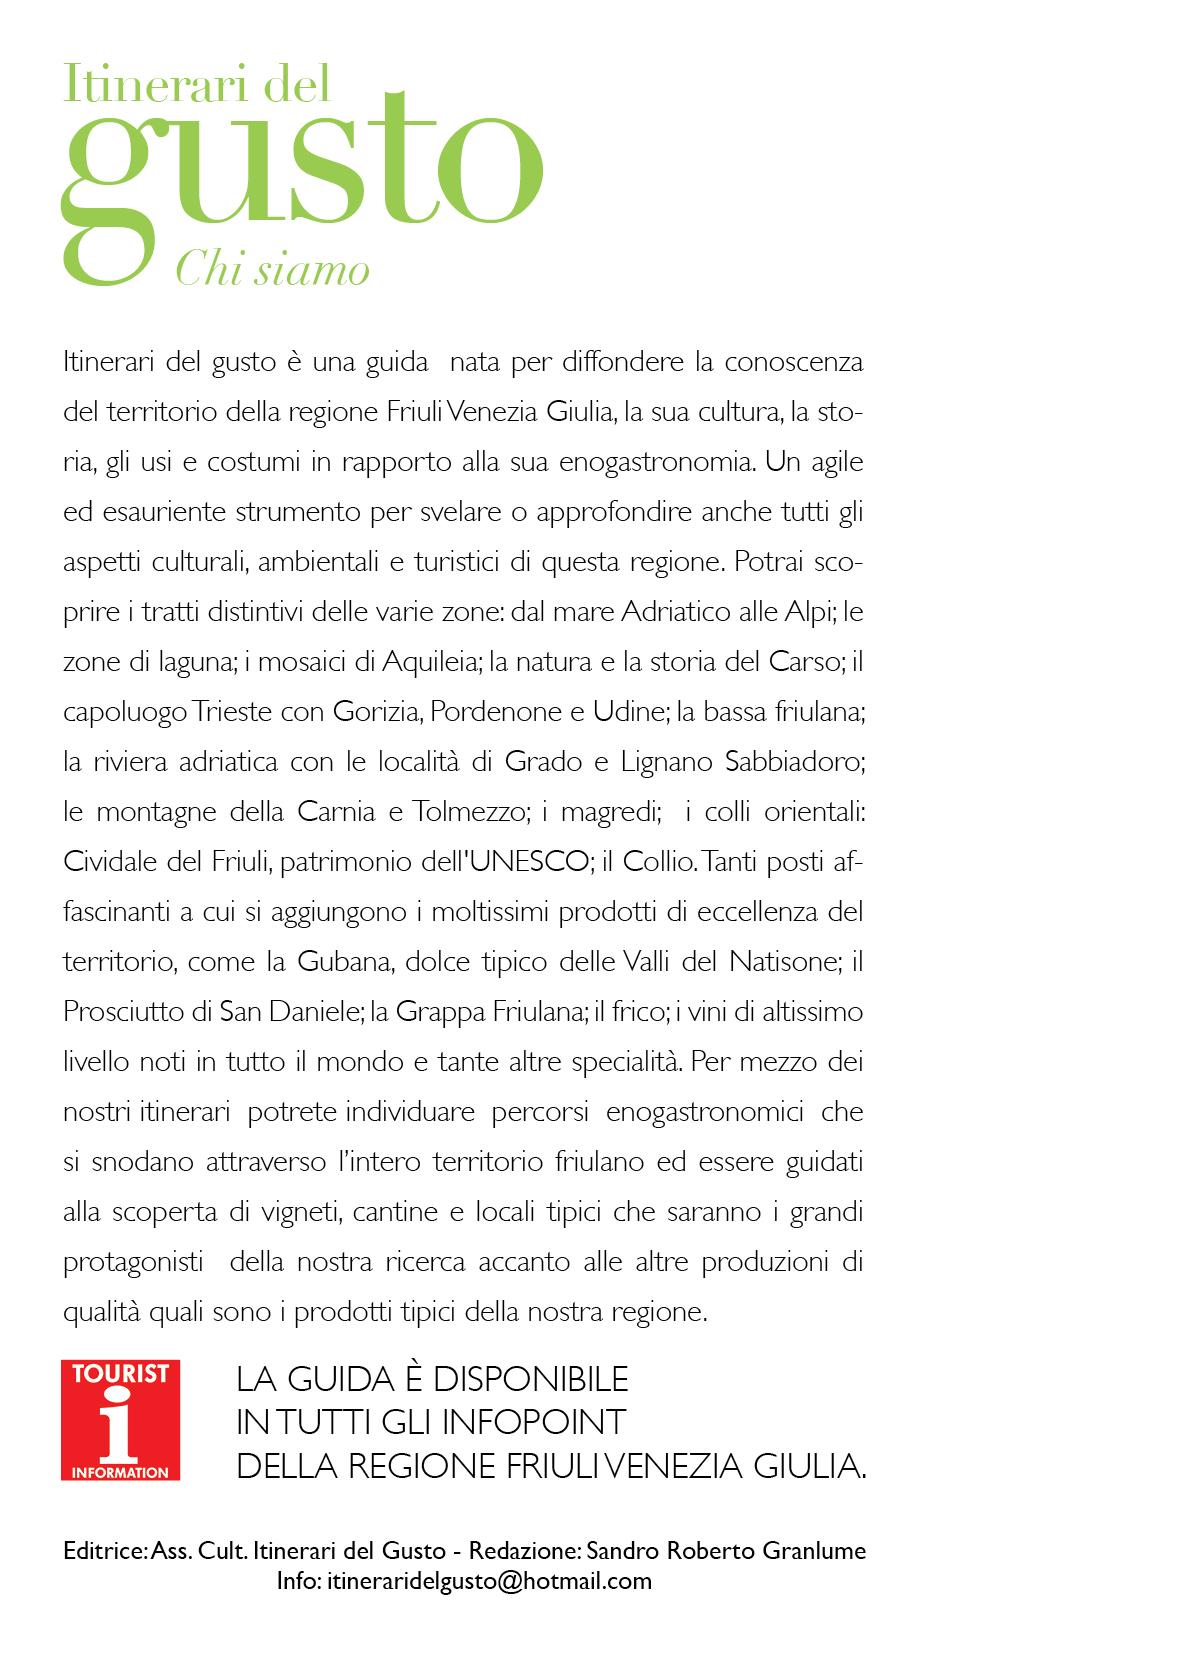 ITINERARI DEL GUSTO 2018-19 pagine singole6